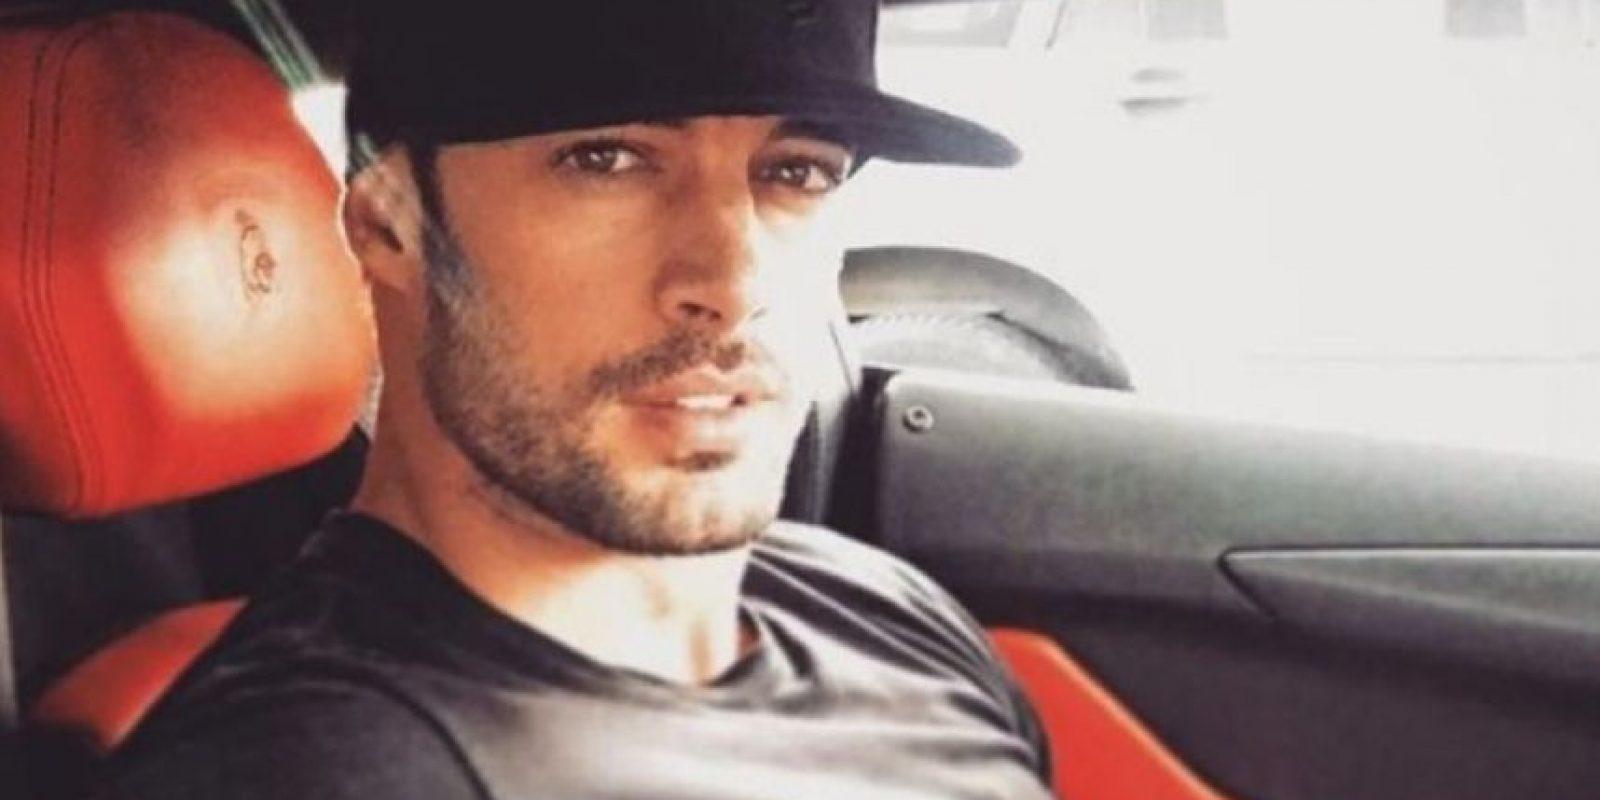 En la acusación, la adolescente señaló que el actor la obligó a practicarle sexo oral en un hotel de California. Foto:vía instagram.com/williamlevy. Imagen Por: